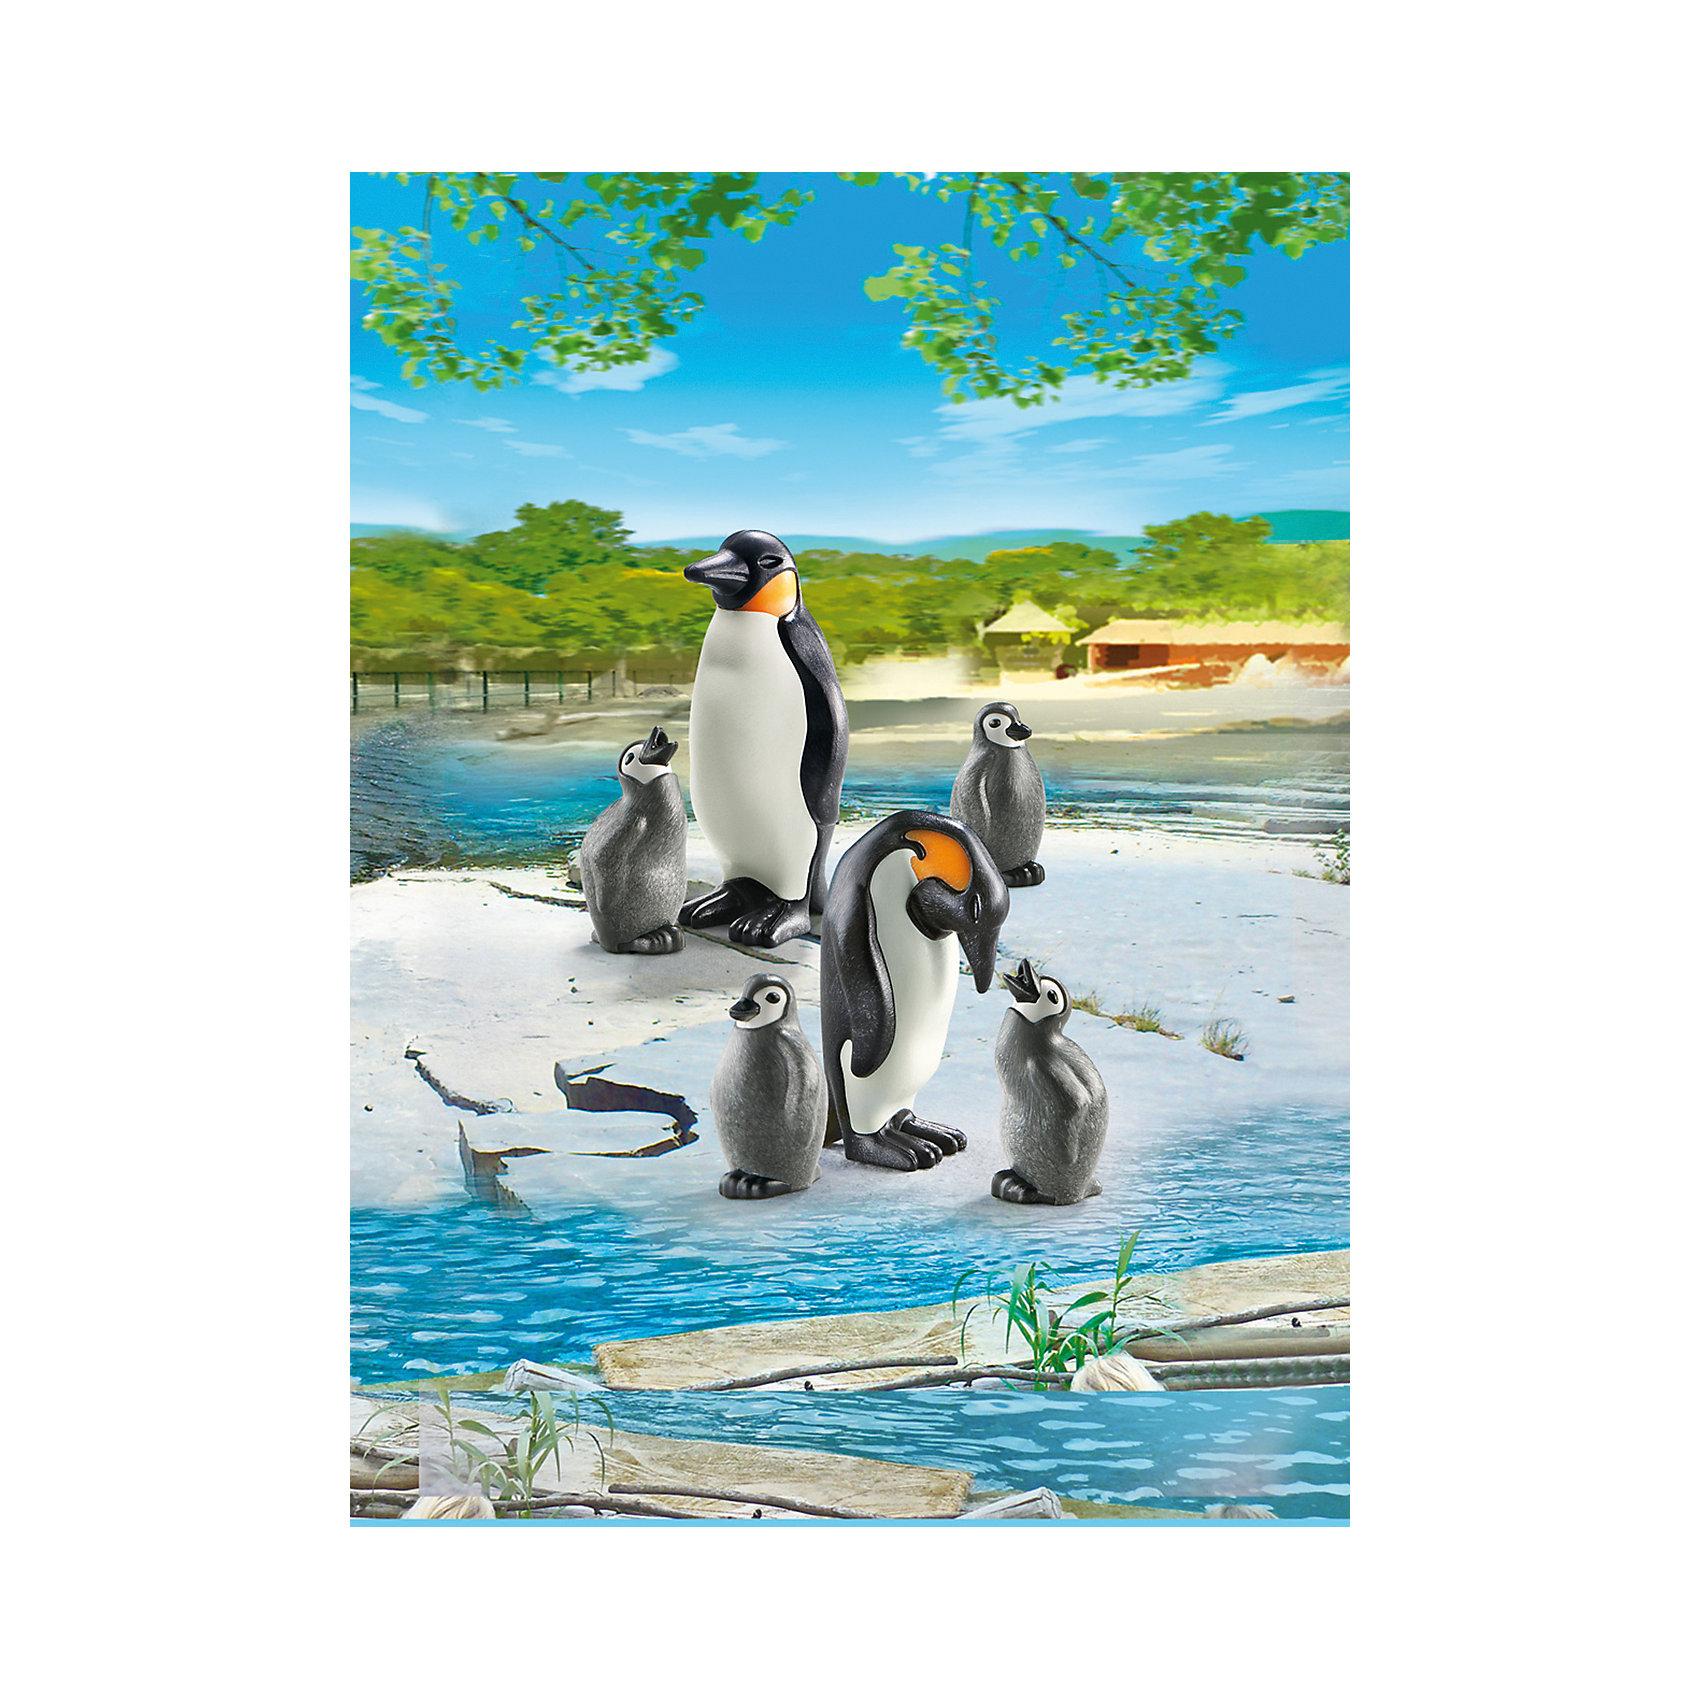 PLAYMOBIL® Зоопарк: Семья Пингвинов, PLAYMOBIL playmobil® зоопарк стая фламинго playmobil